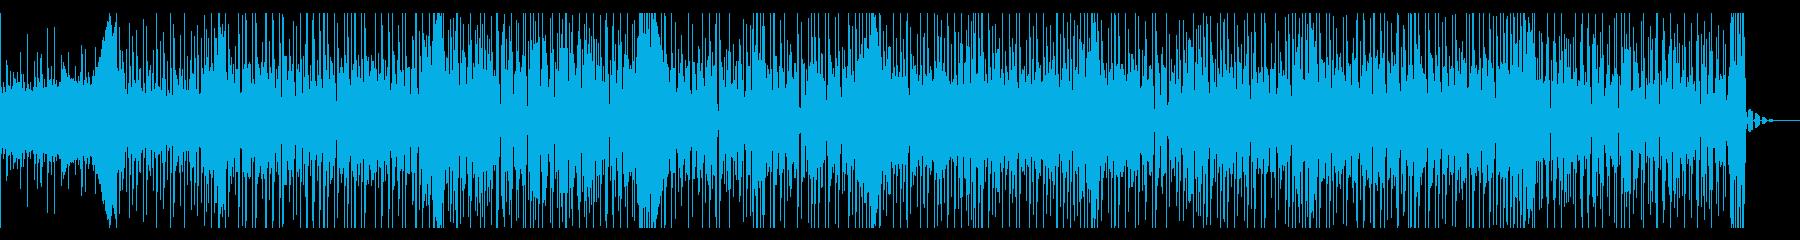 優しいカワイイ系のBGMの再生済みの波形